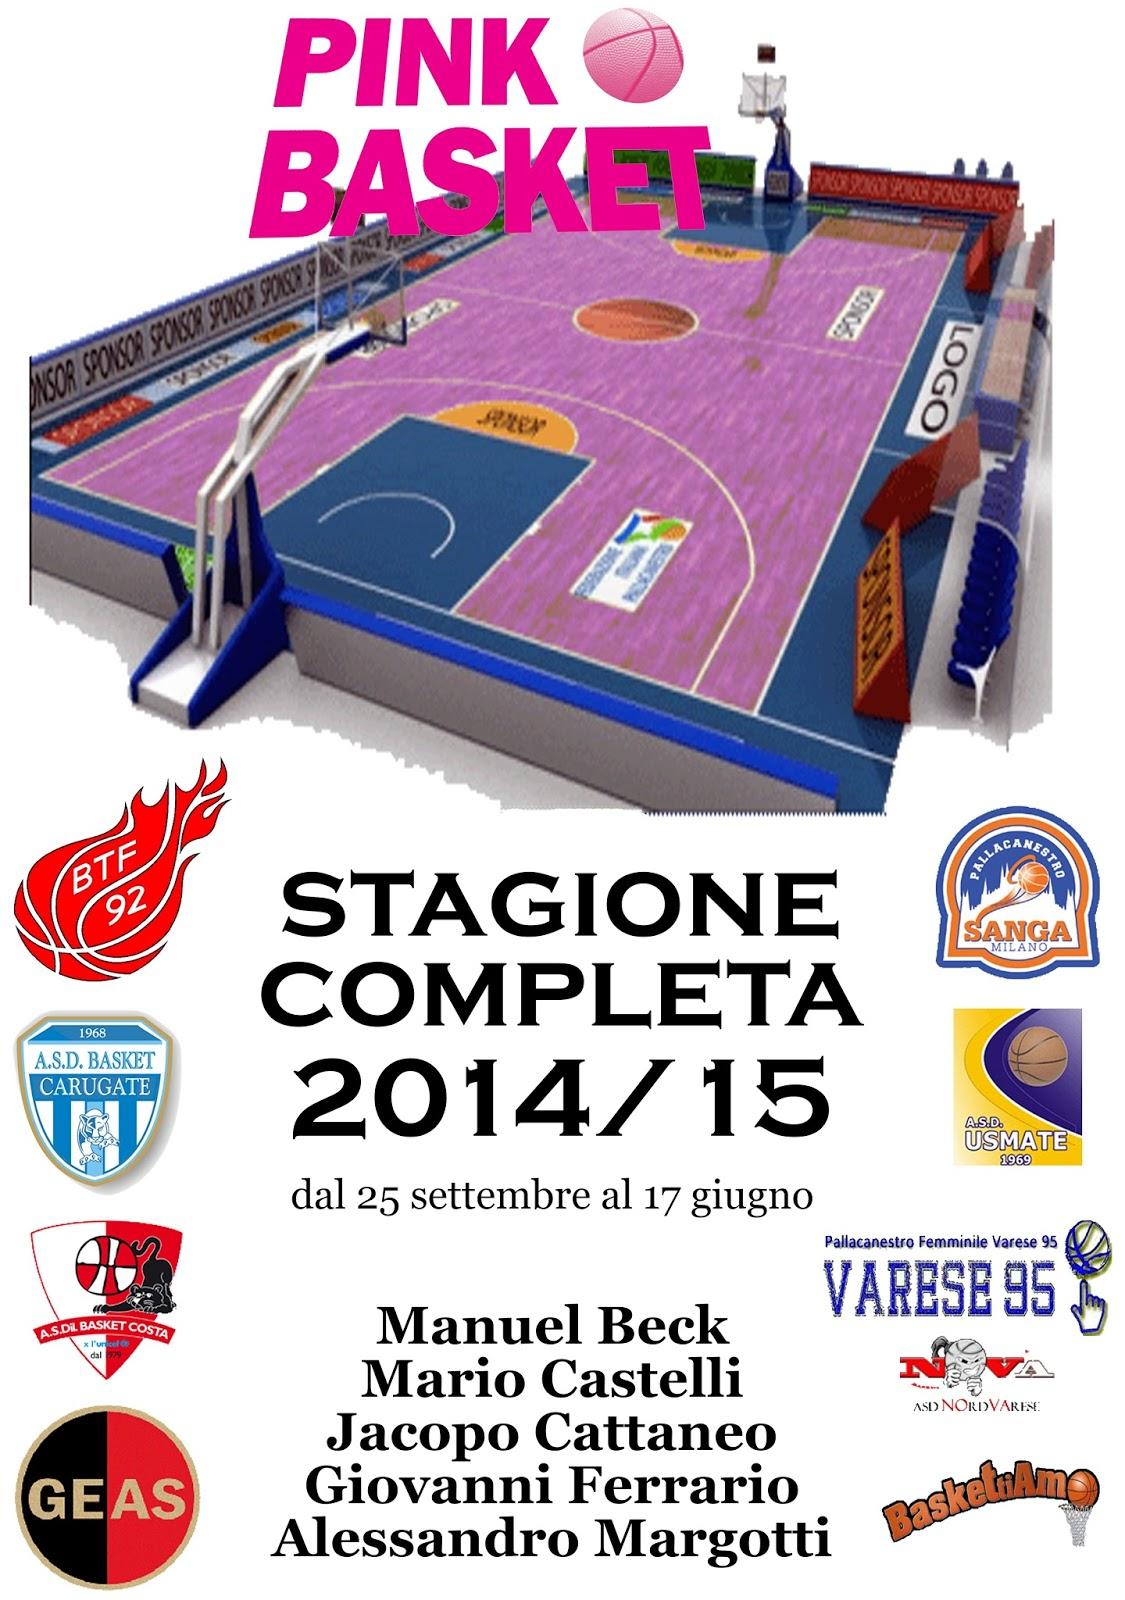 Stagione completa 2014/15